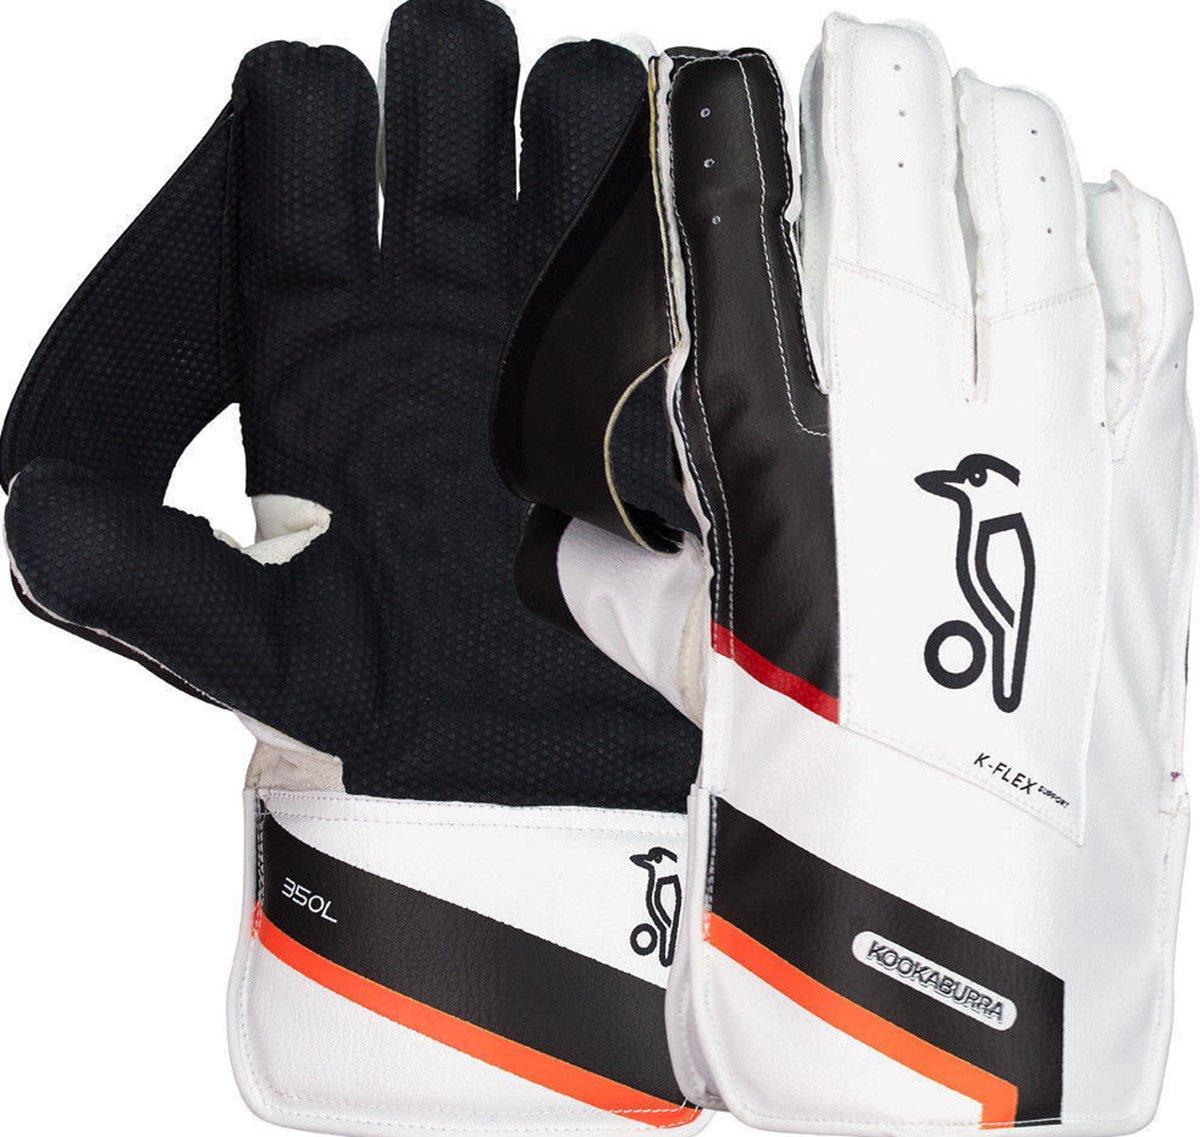 2018 Kookaburra 350L Long Cut Wicket Keeping Gloves New Only Cricket